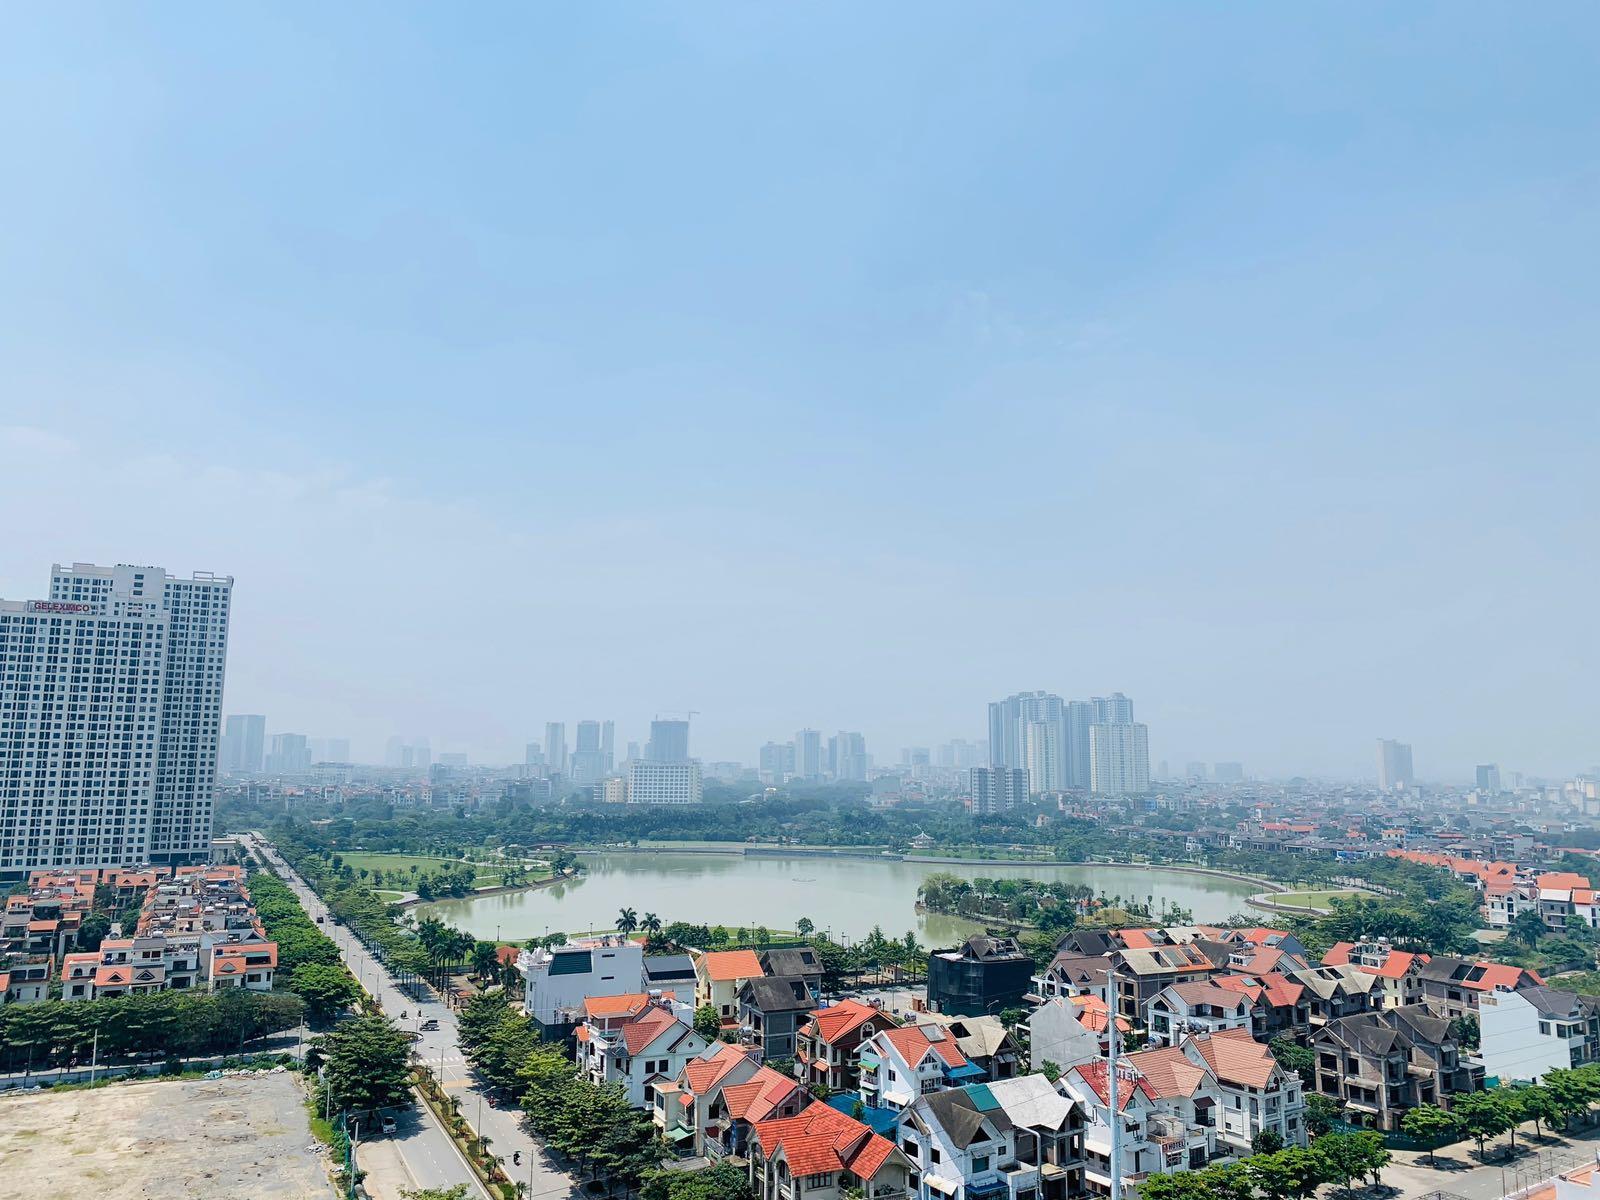 Căn hộ chung cư Epic Home sở hữu tầm view hoàn hảo hồ điều hòa 34h thành phố giao lưu